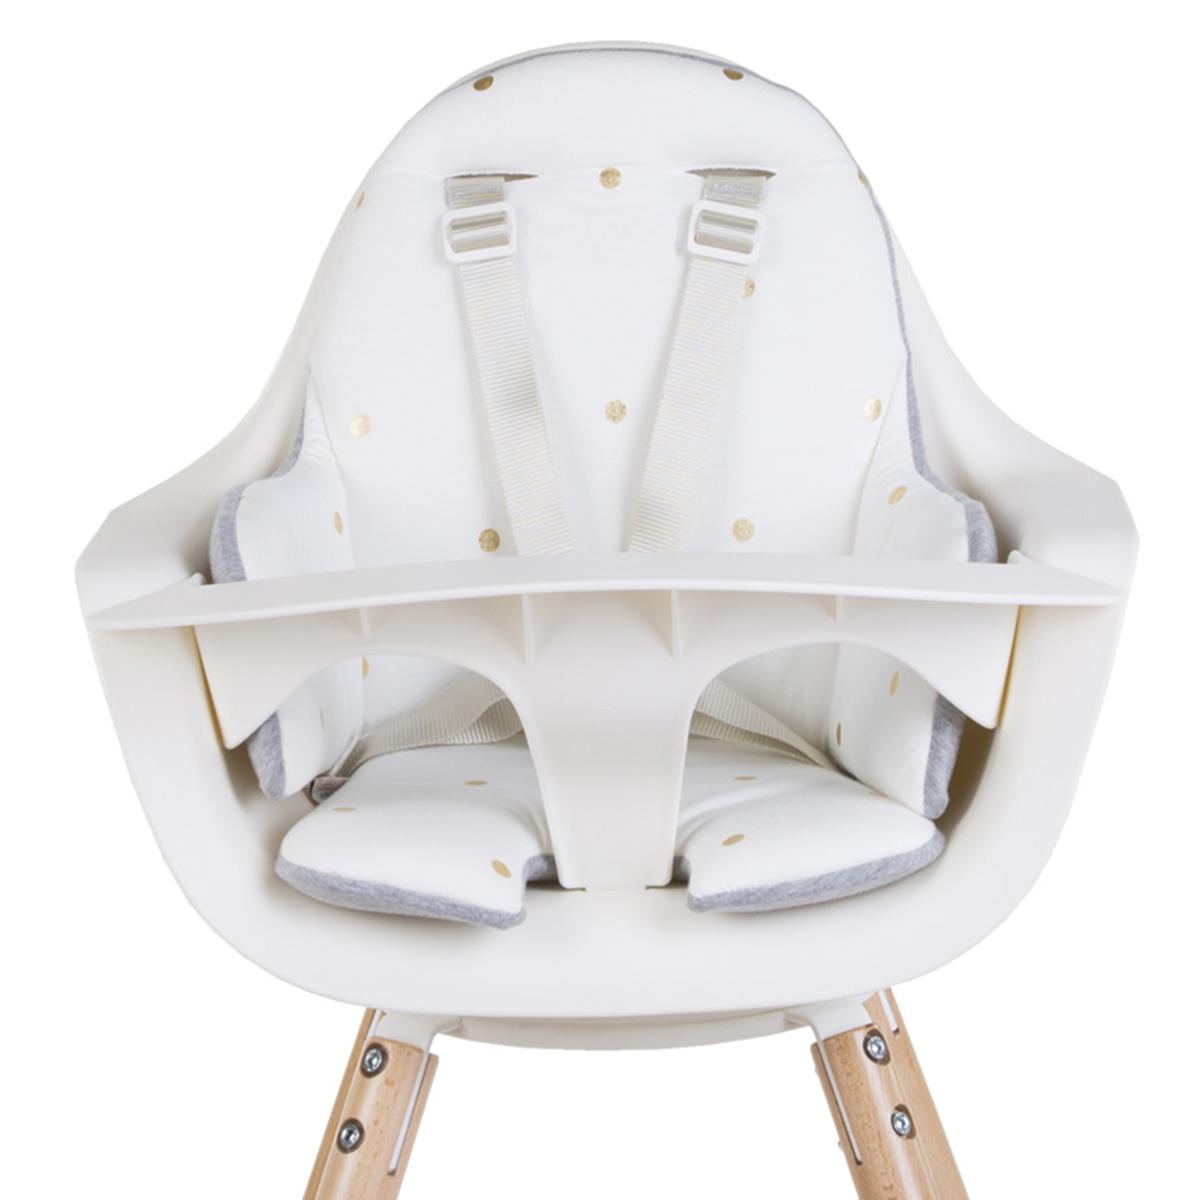 Chaise haute Coussin de Chaise Haute Jersey - Gold Dots